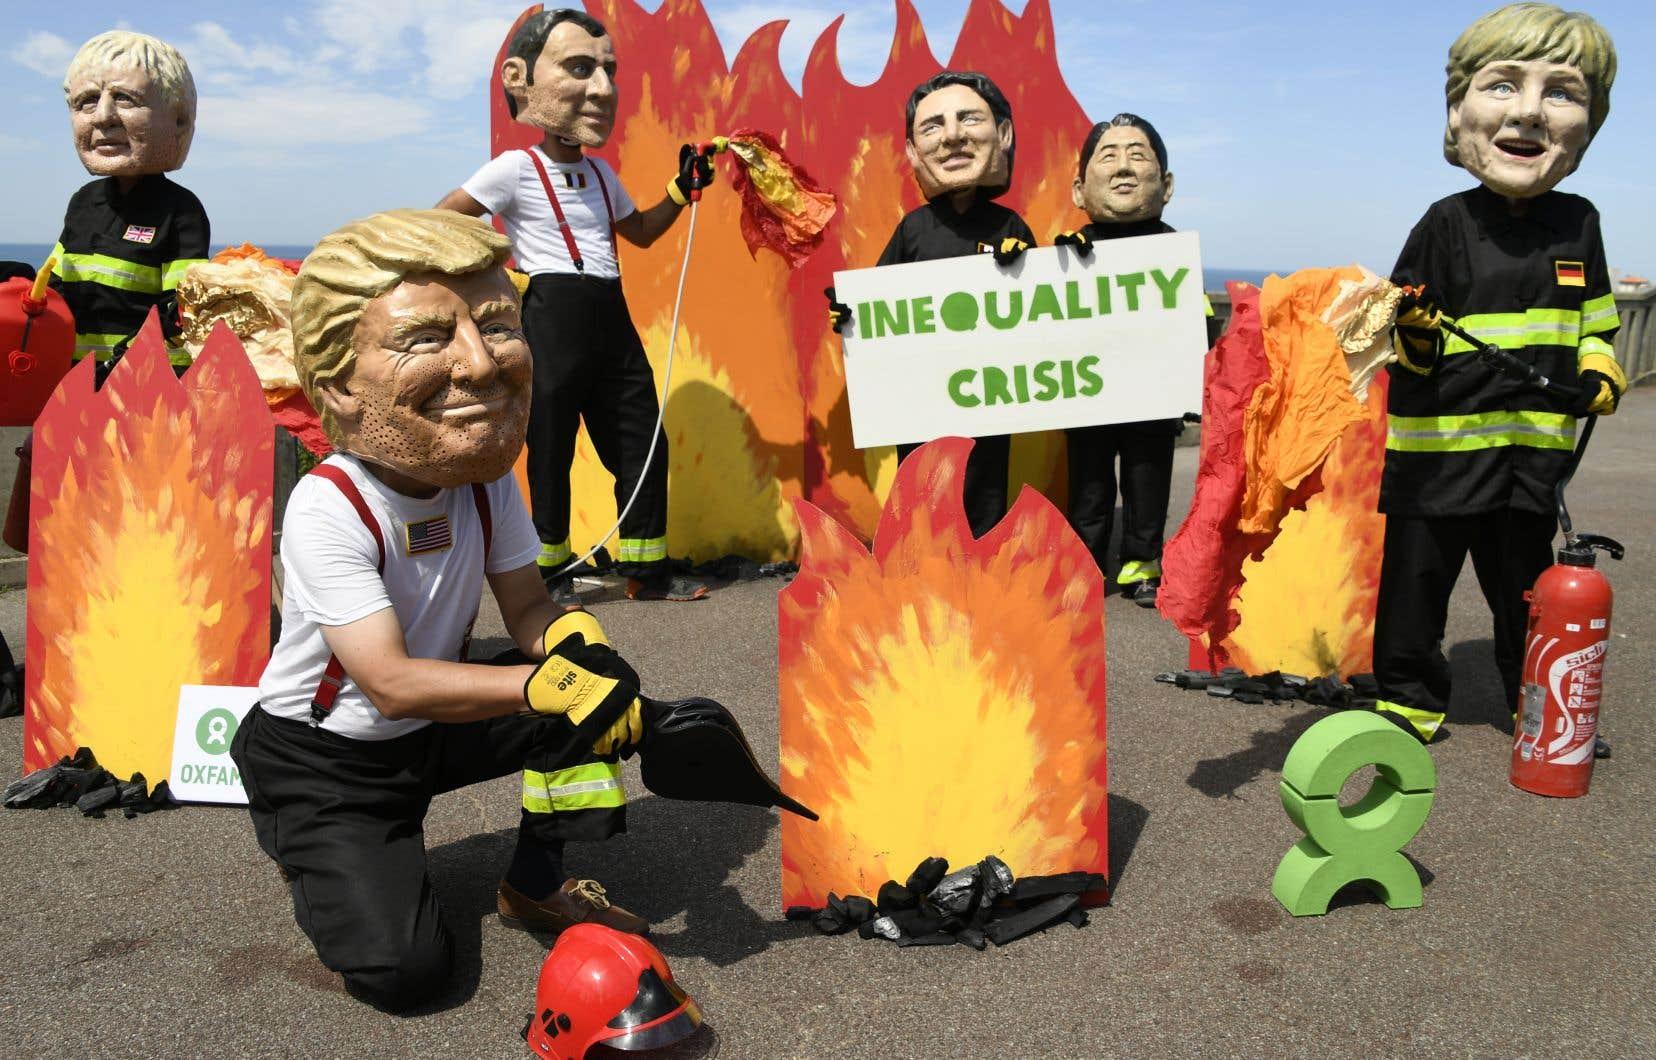 Oxfam a organisé un rendez-vous des «pompiers pyromanes» dans la ville de Biarritz même, mais en dehors des «zones de protection» du centre-ville.